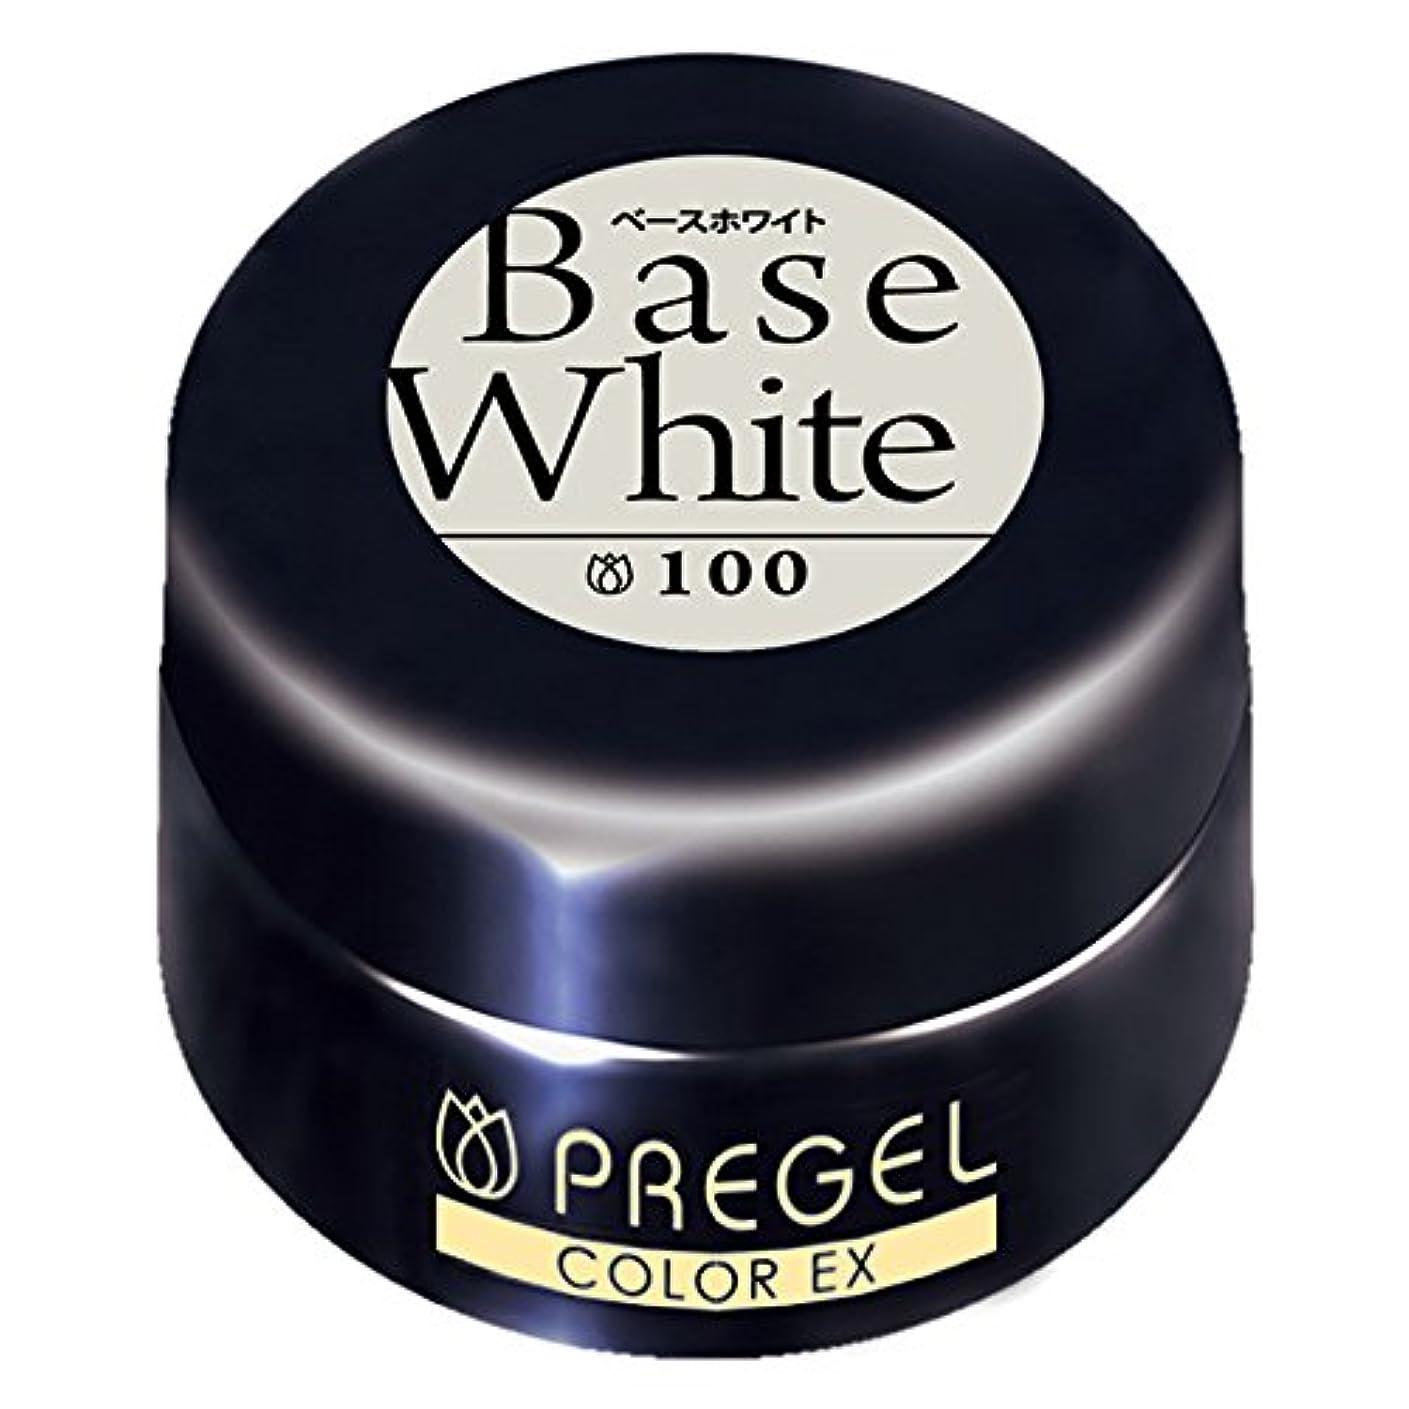 シエスタフレッシュ即席プリジェル ジェルネイル プリジェル ジェルネイル カラーEX ベースホワイト100 4g カラージェル UV/LED対応